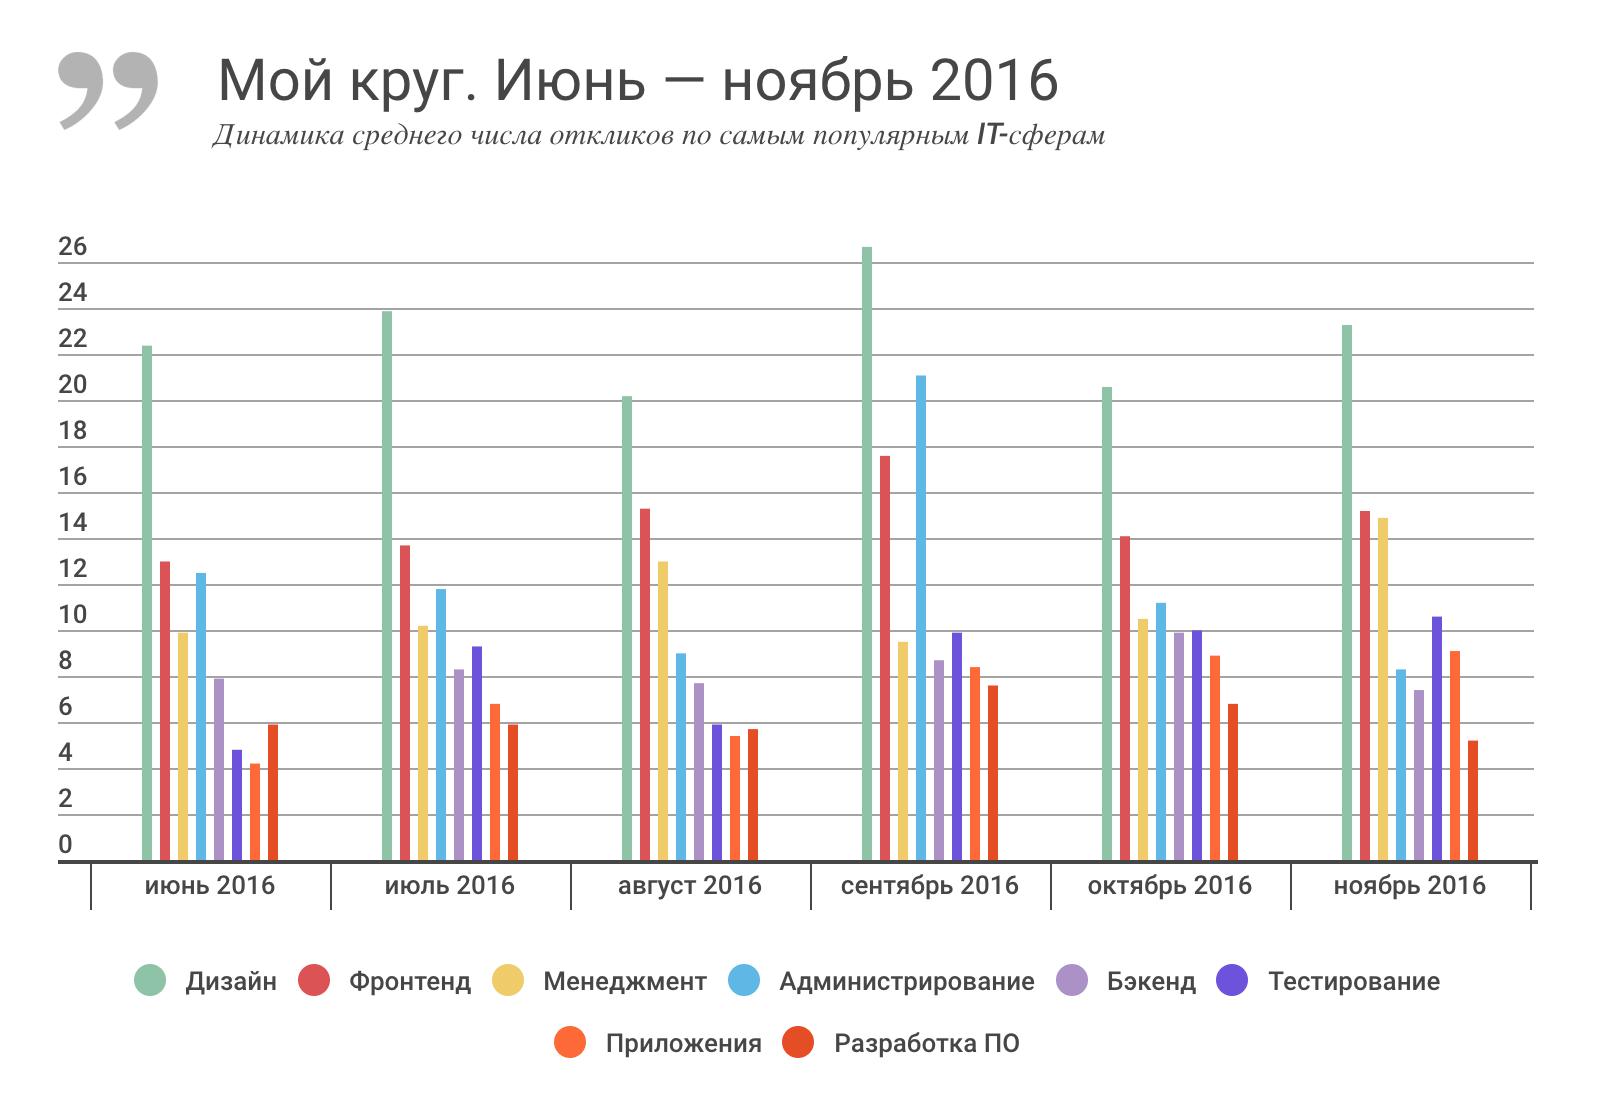 Отчет о результатах «Моего круга» за ноябрь 2016, и самые популярные вакансии месяца - 1